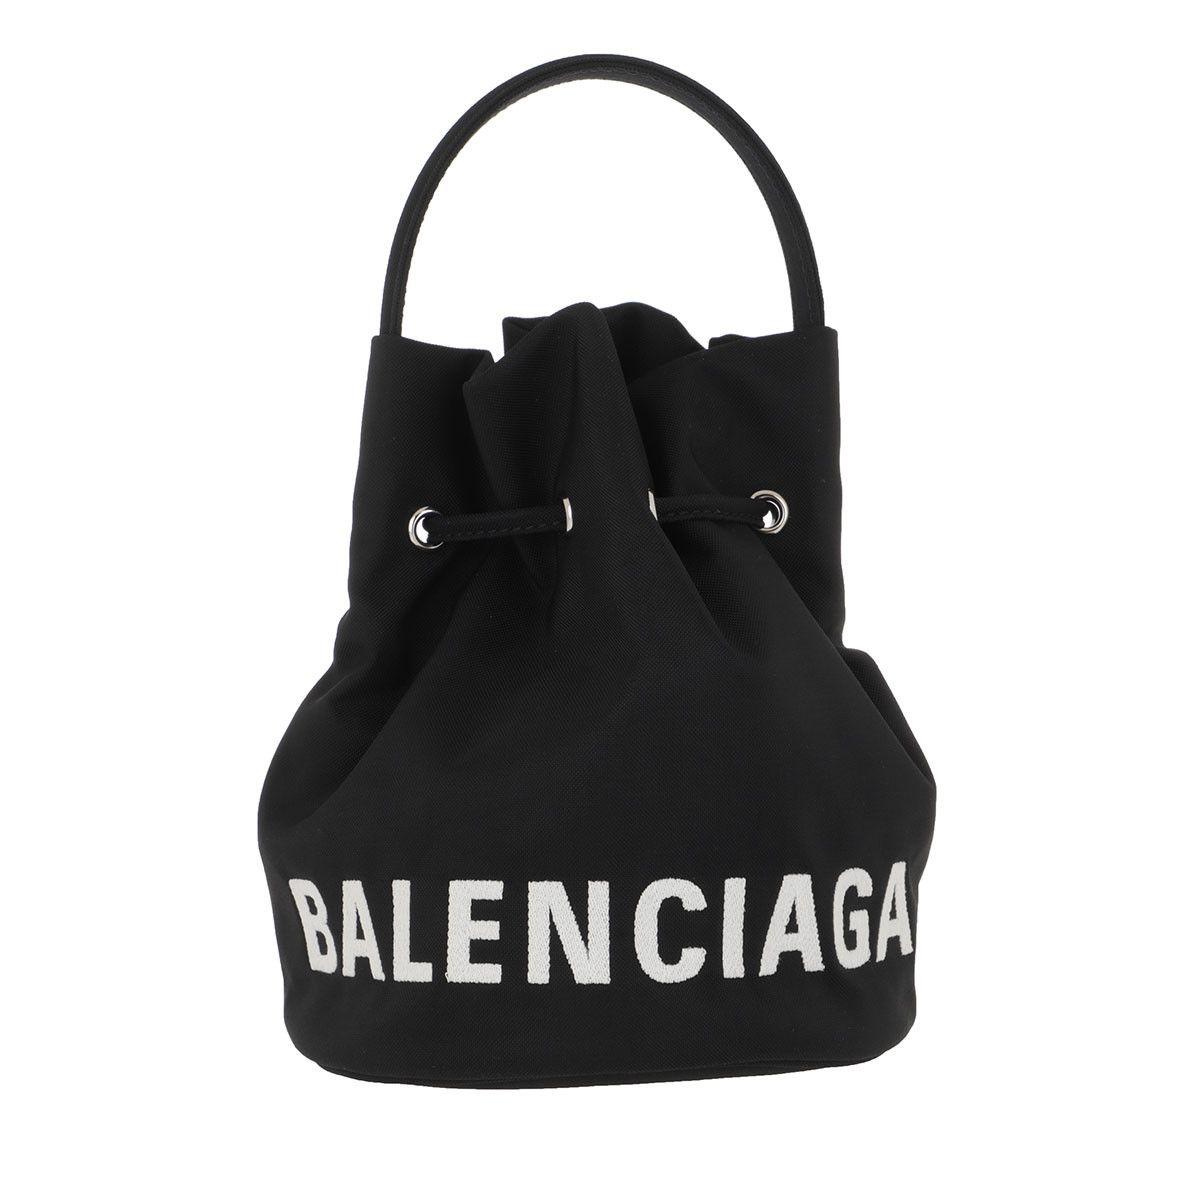 Balenciaga Beuteltasche - Wheel XS Bucket Bag Black - in schwarz - für Damen